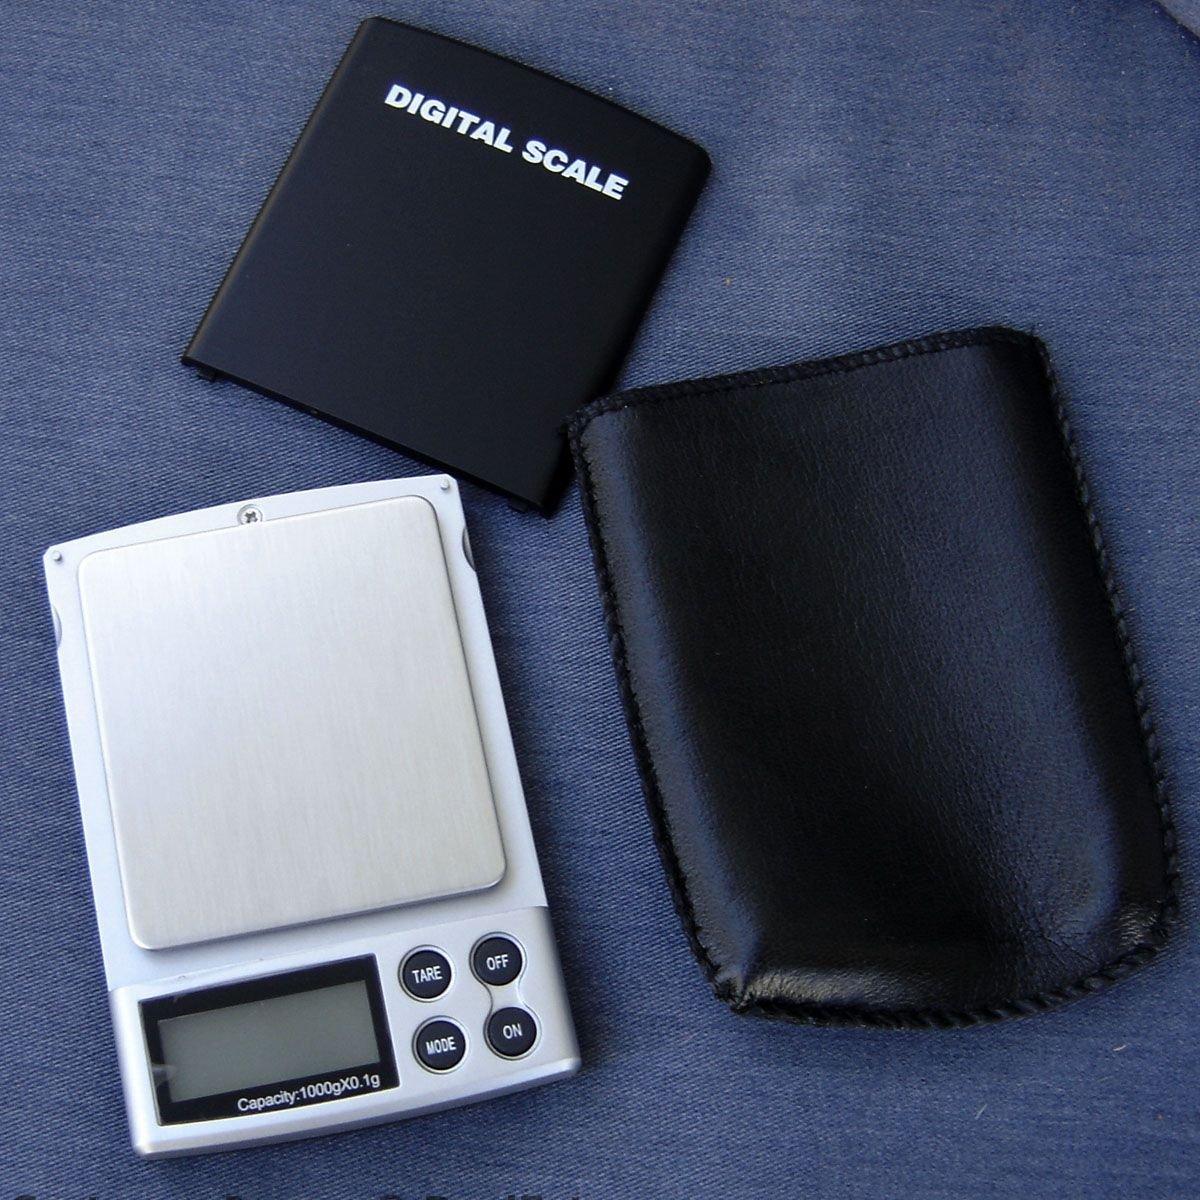 DIGITAL POCKET SCALE  1kg